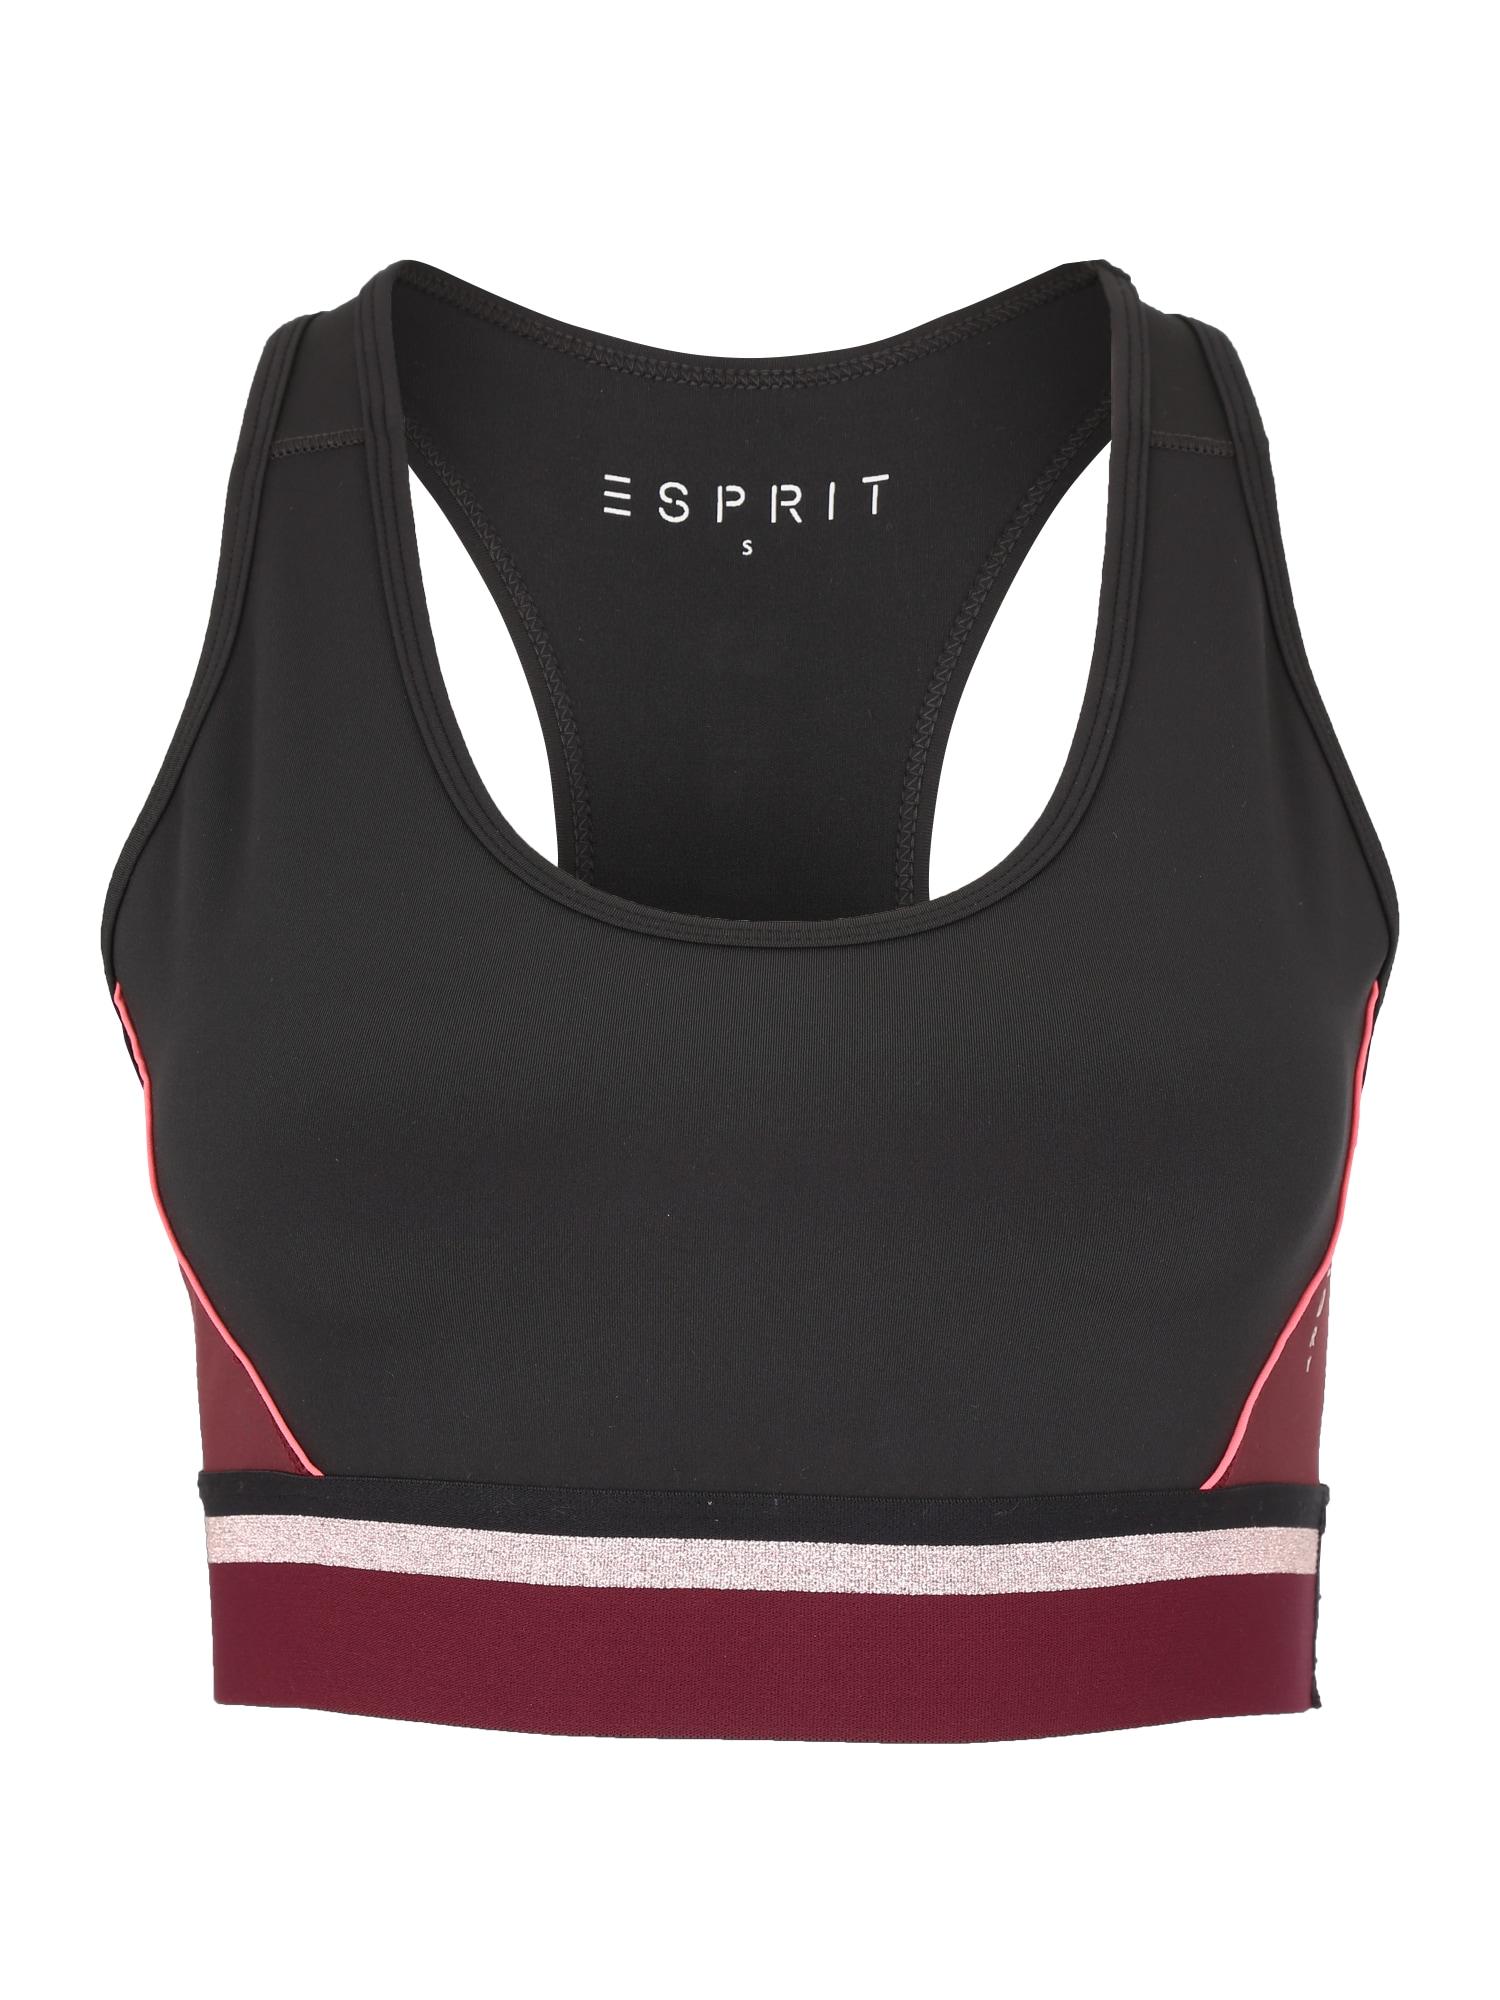 Sportovní podprsenka bordó černá ESPRIT SPORTS